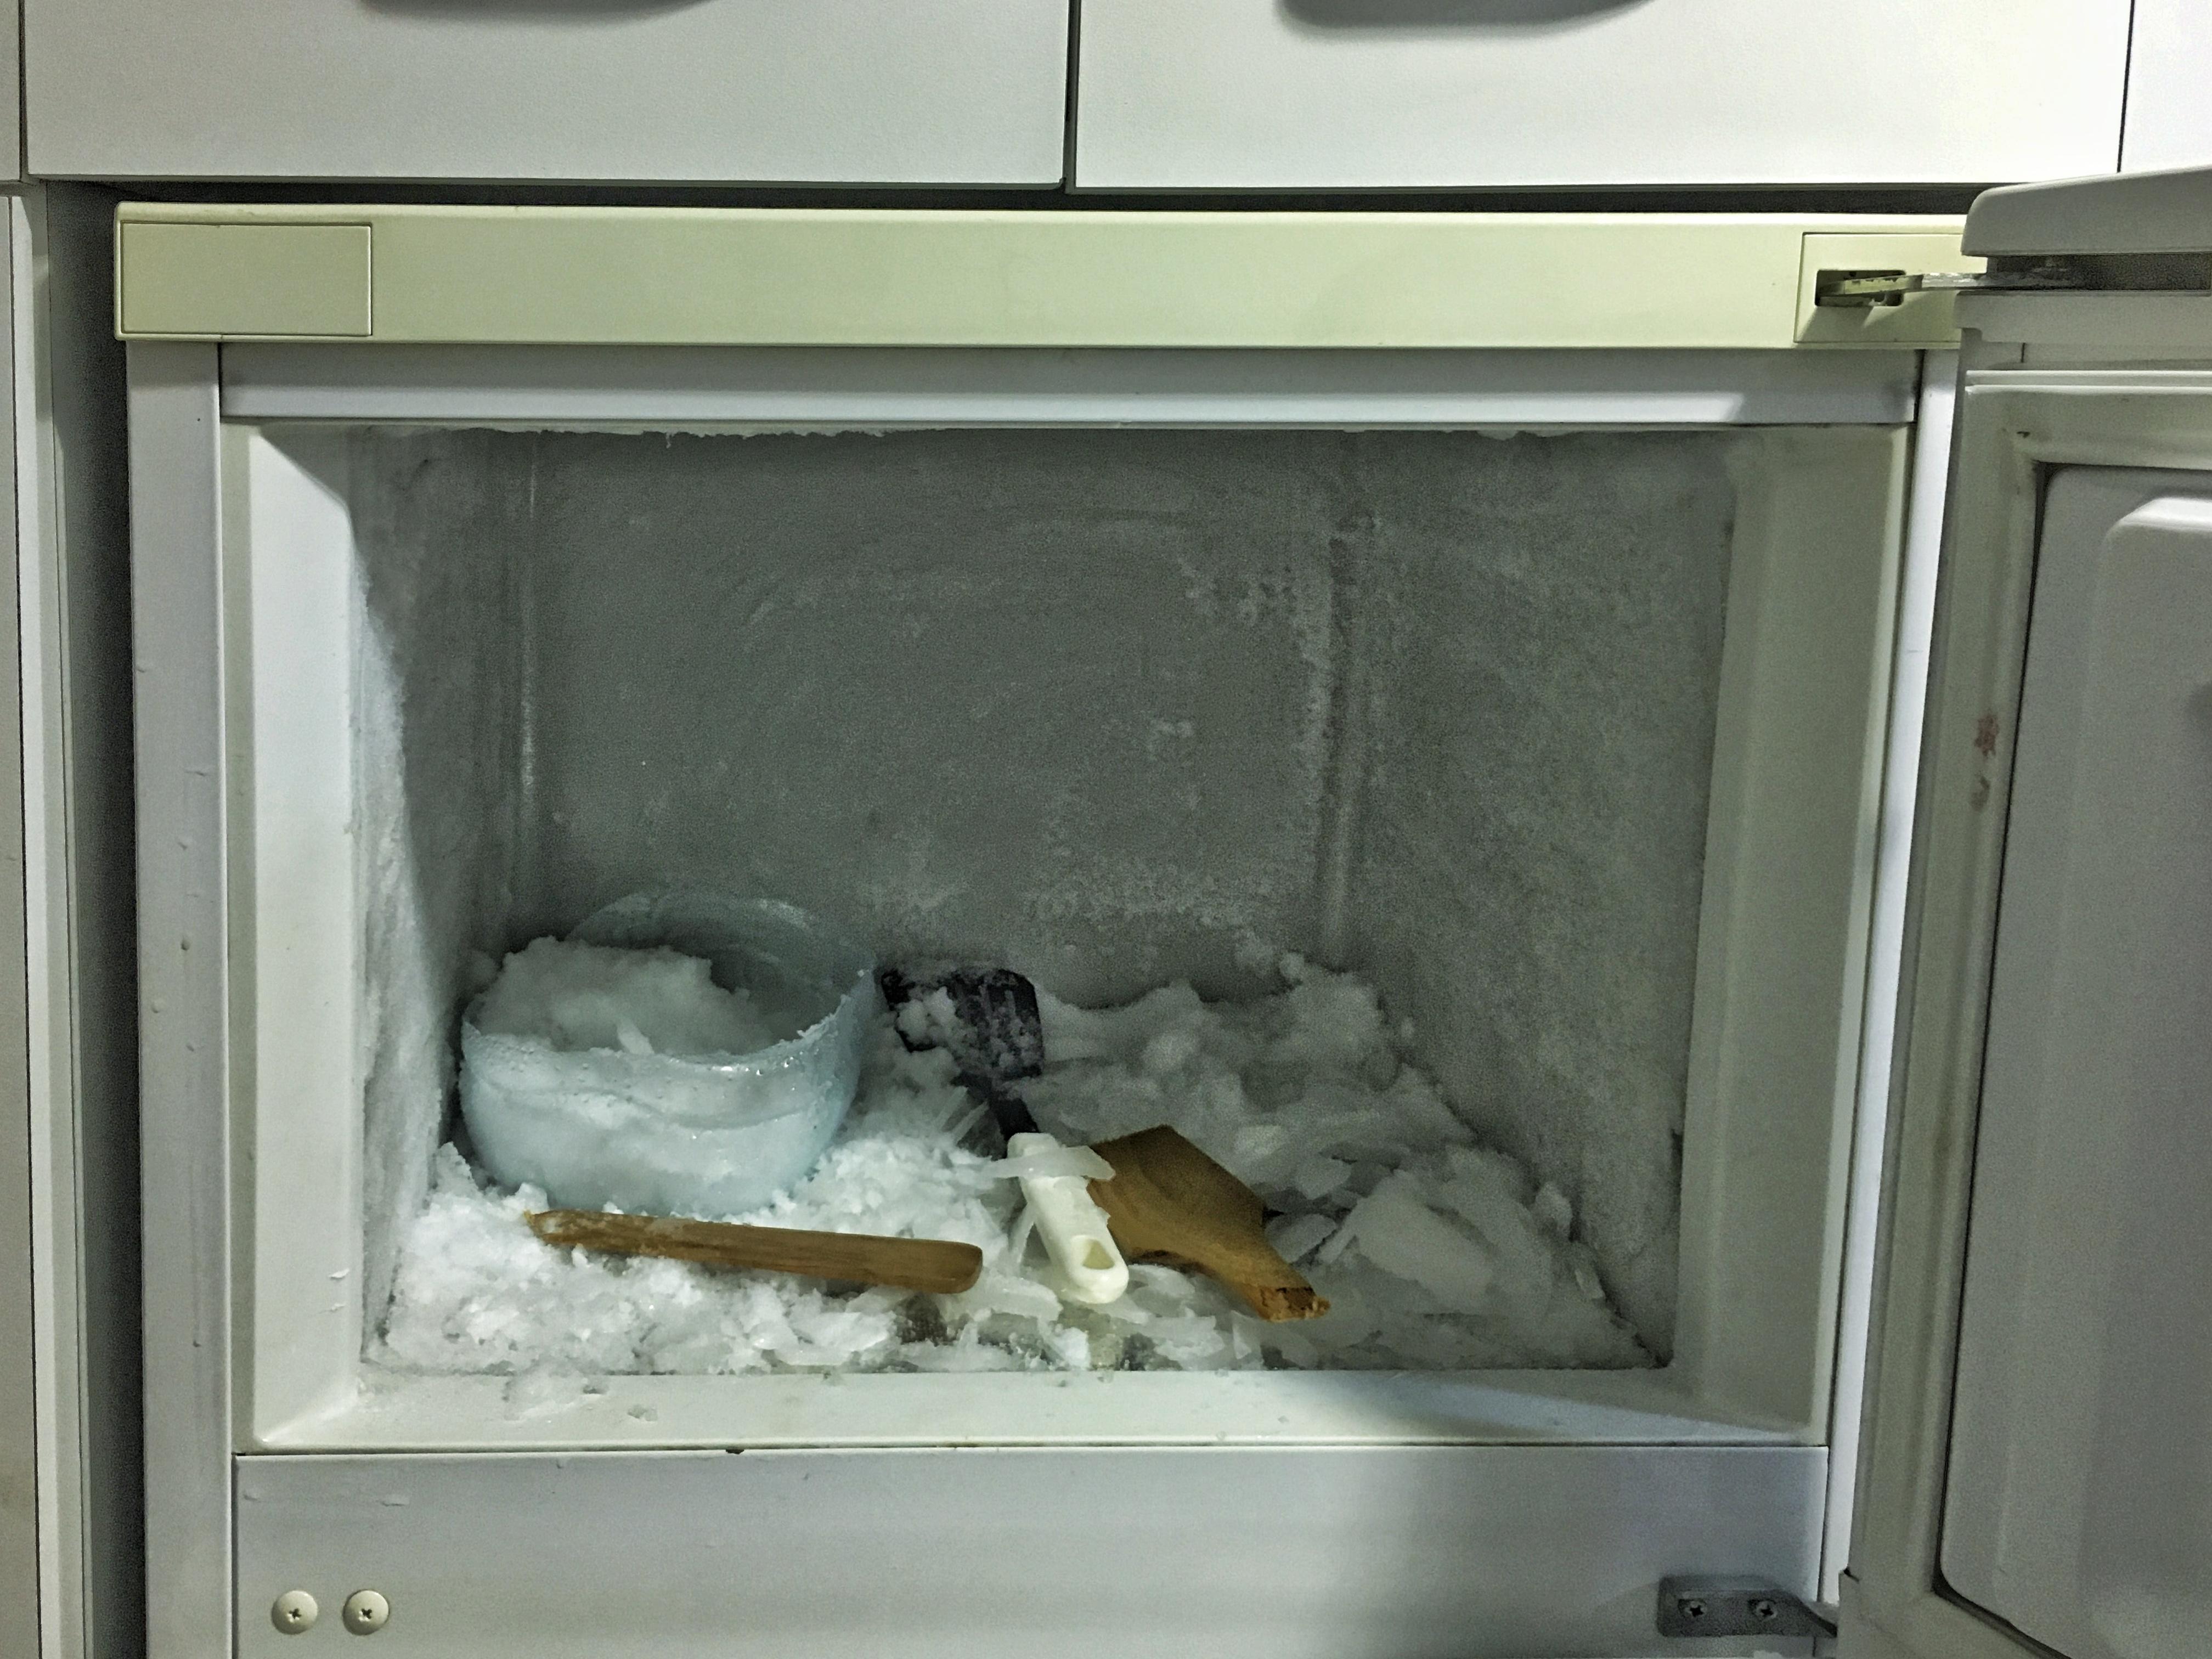 the frozen fridge compartment